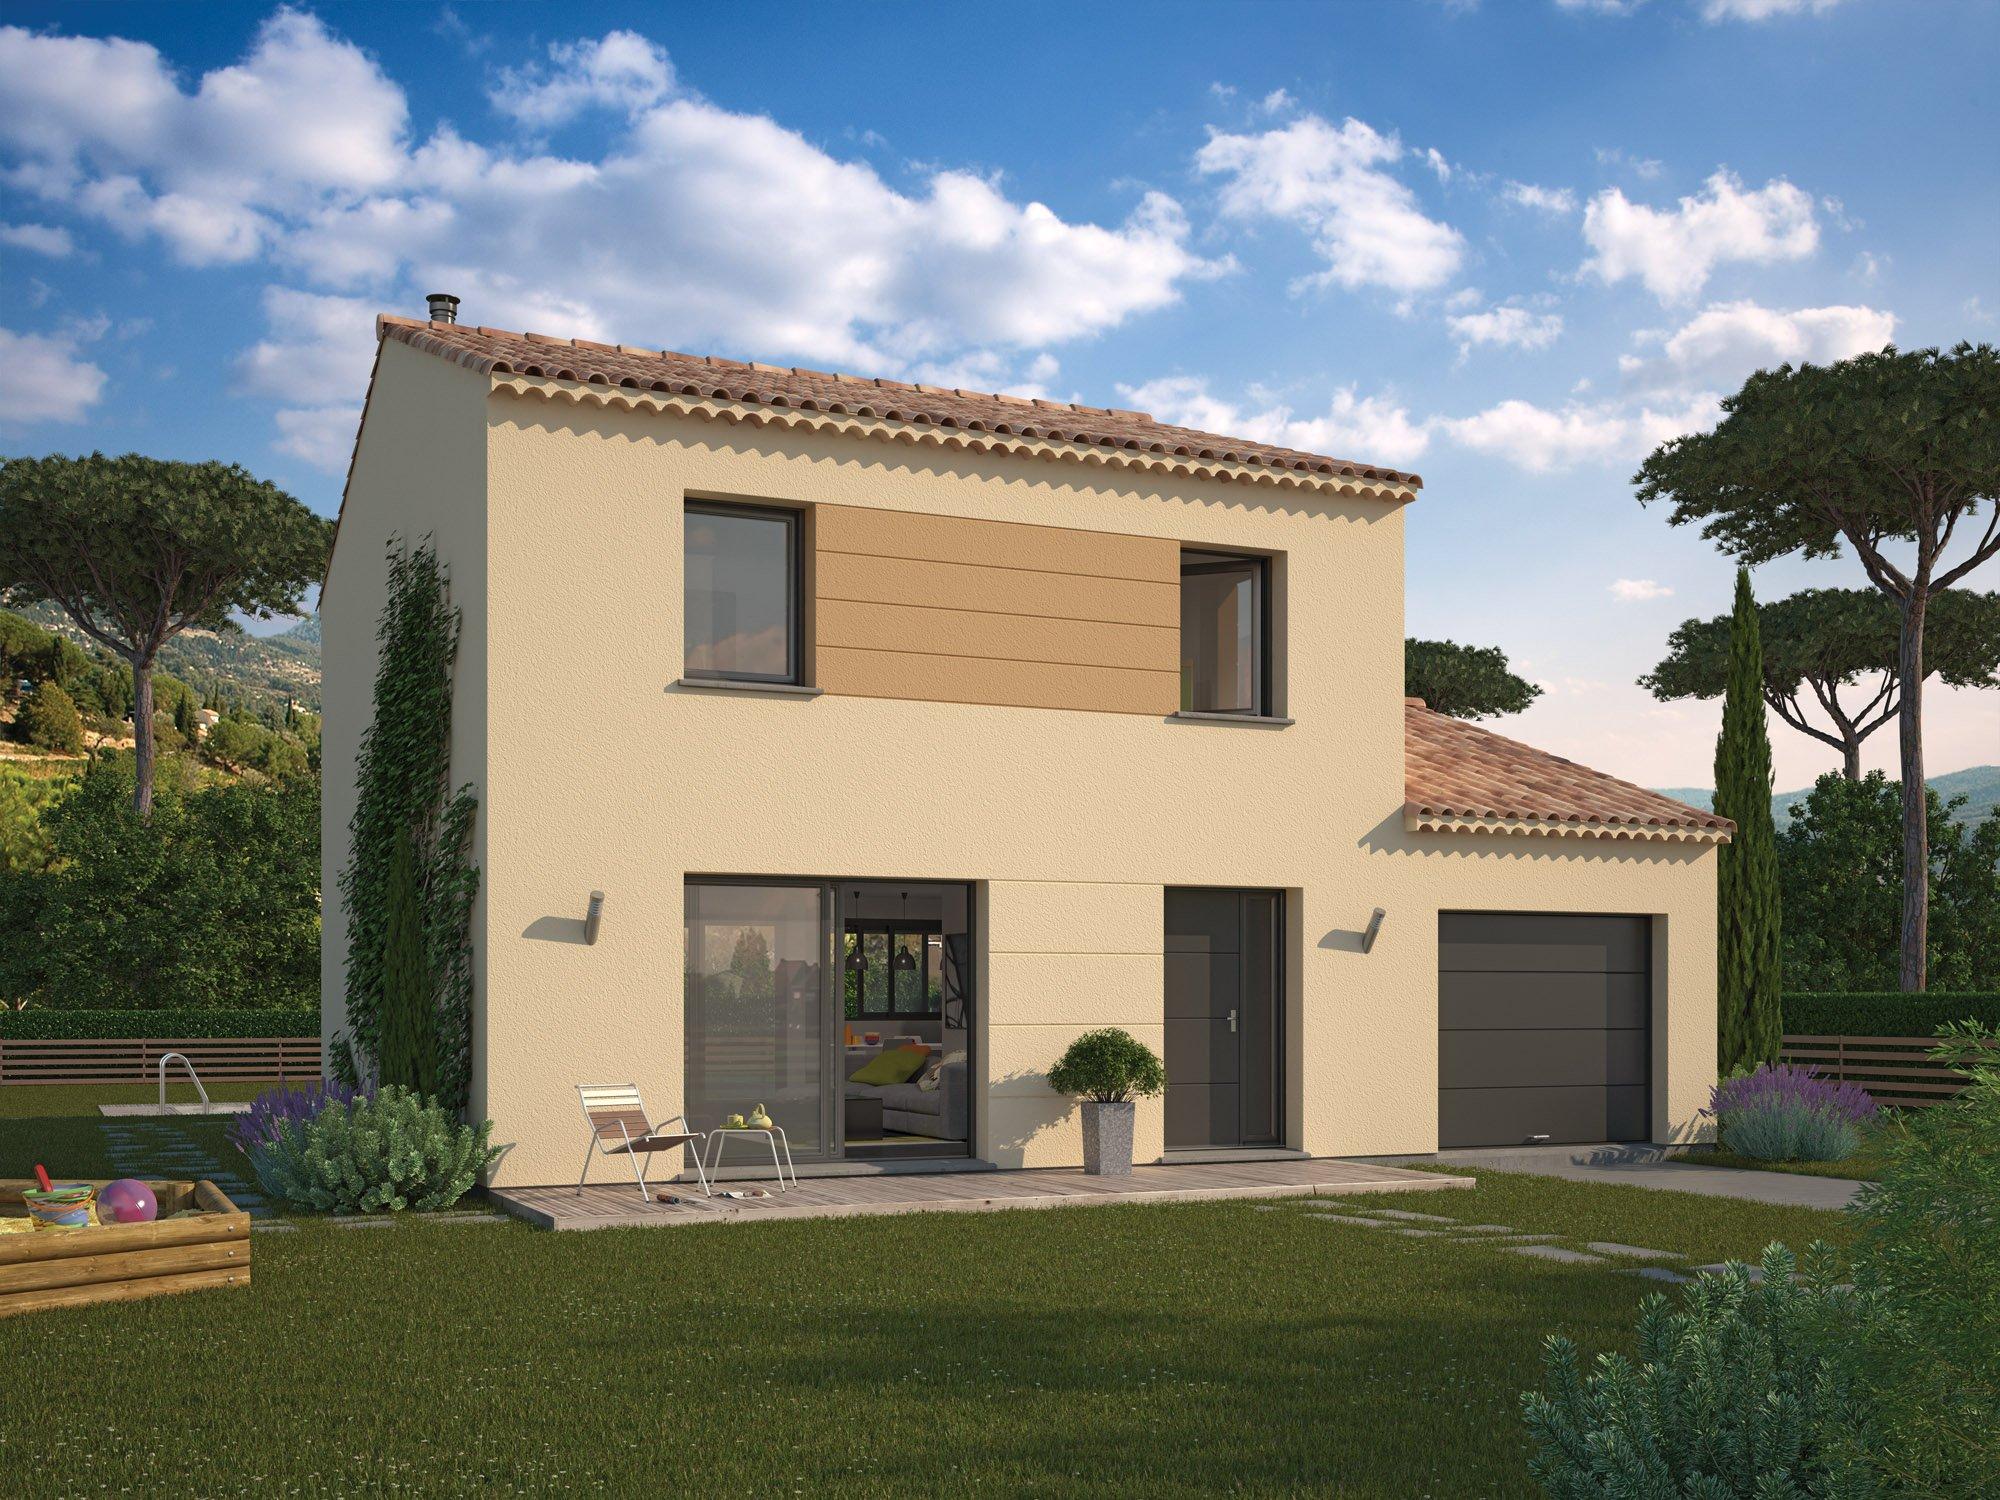 Maisons + Terrains du constructeur MAISON FAMILIALE • 100 m² • ROQUEBRUNE SUR ARGENS